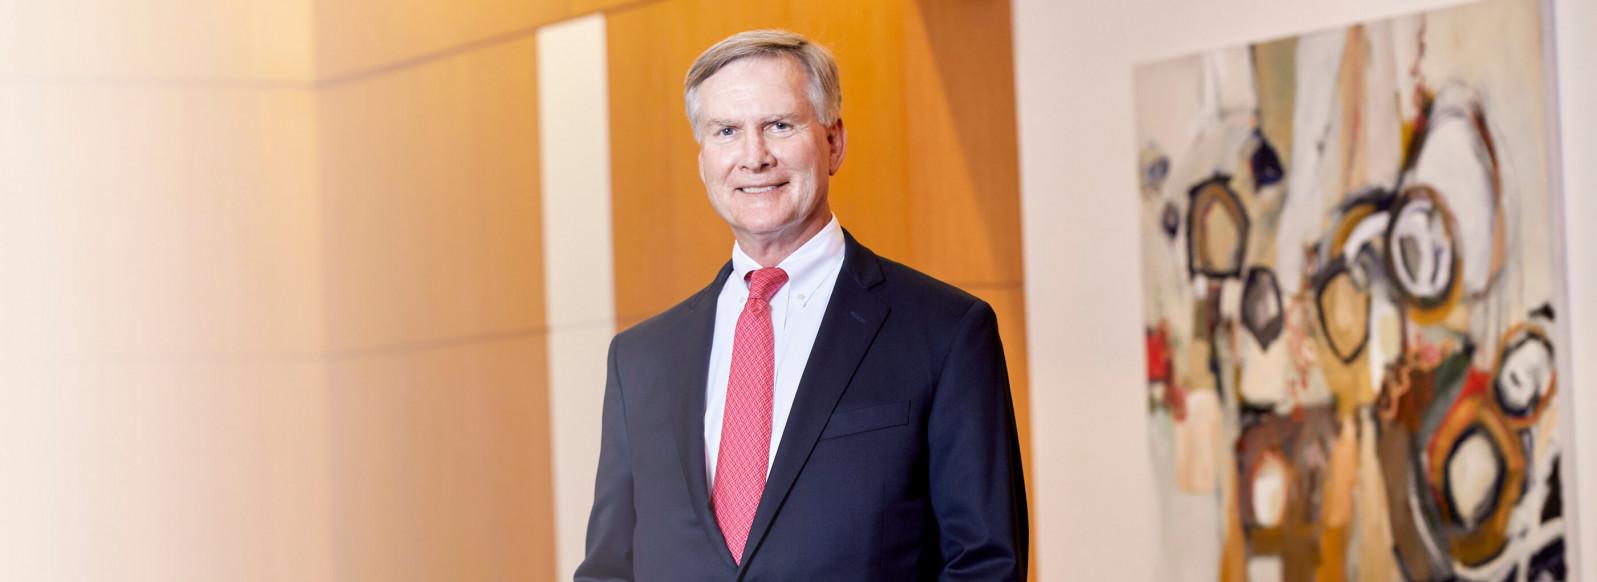 John H. Parker, Jr.